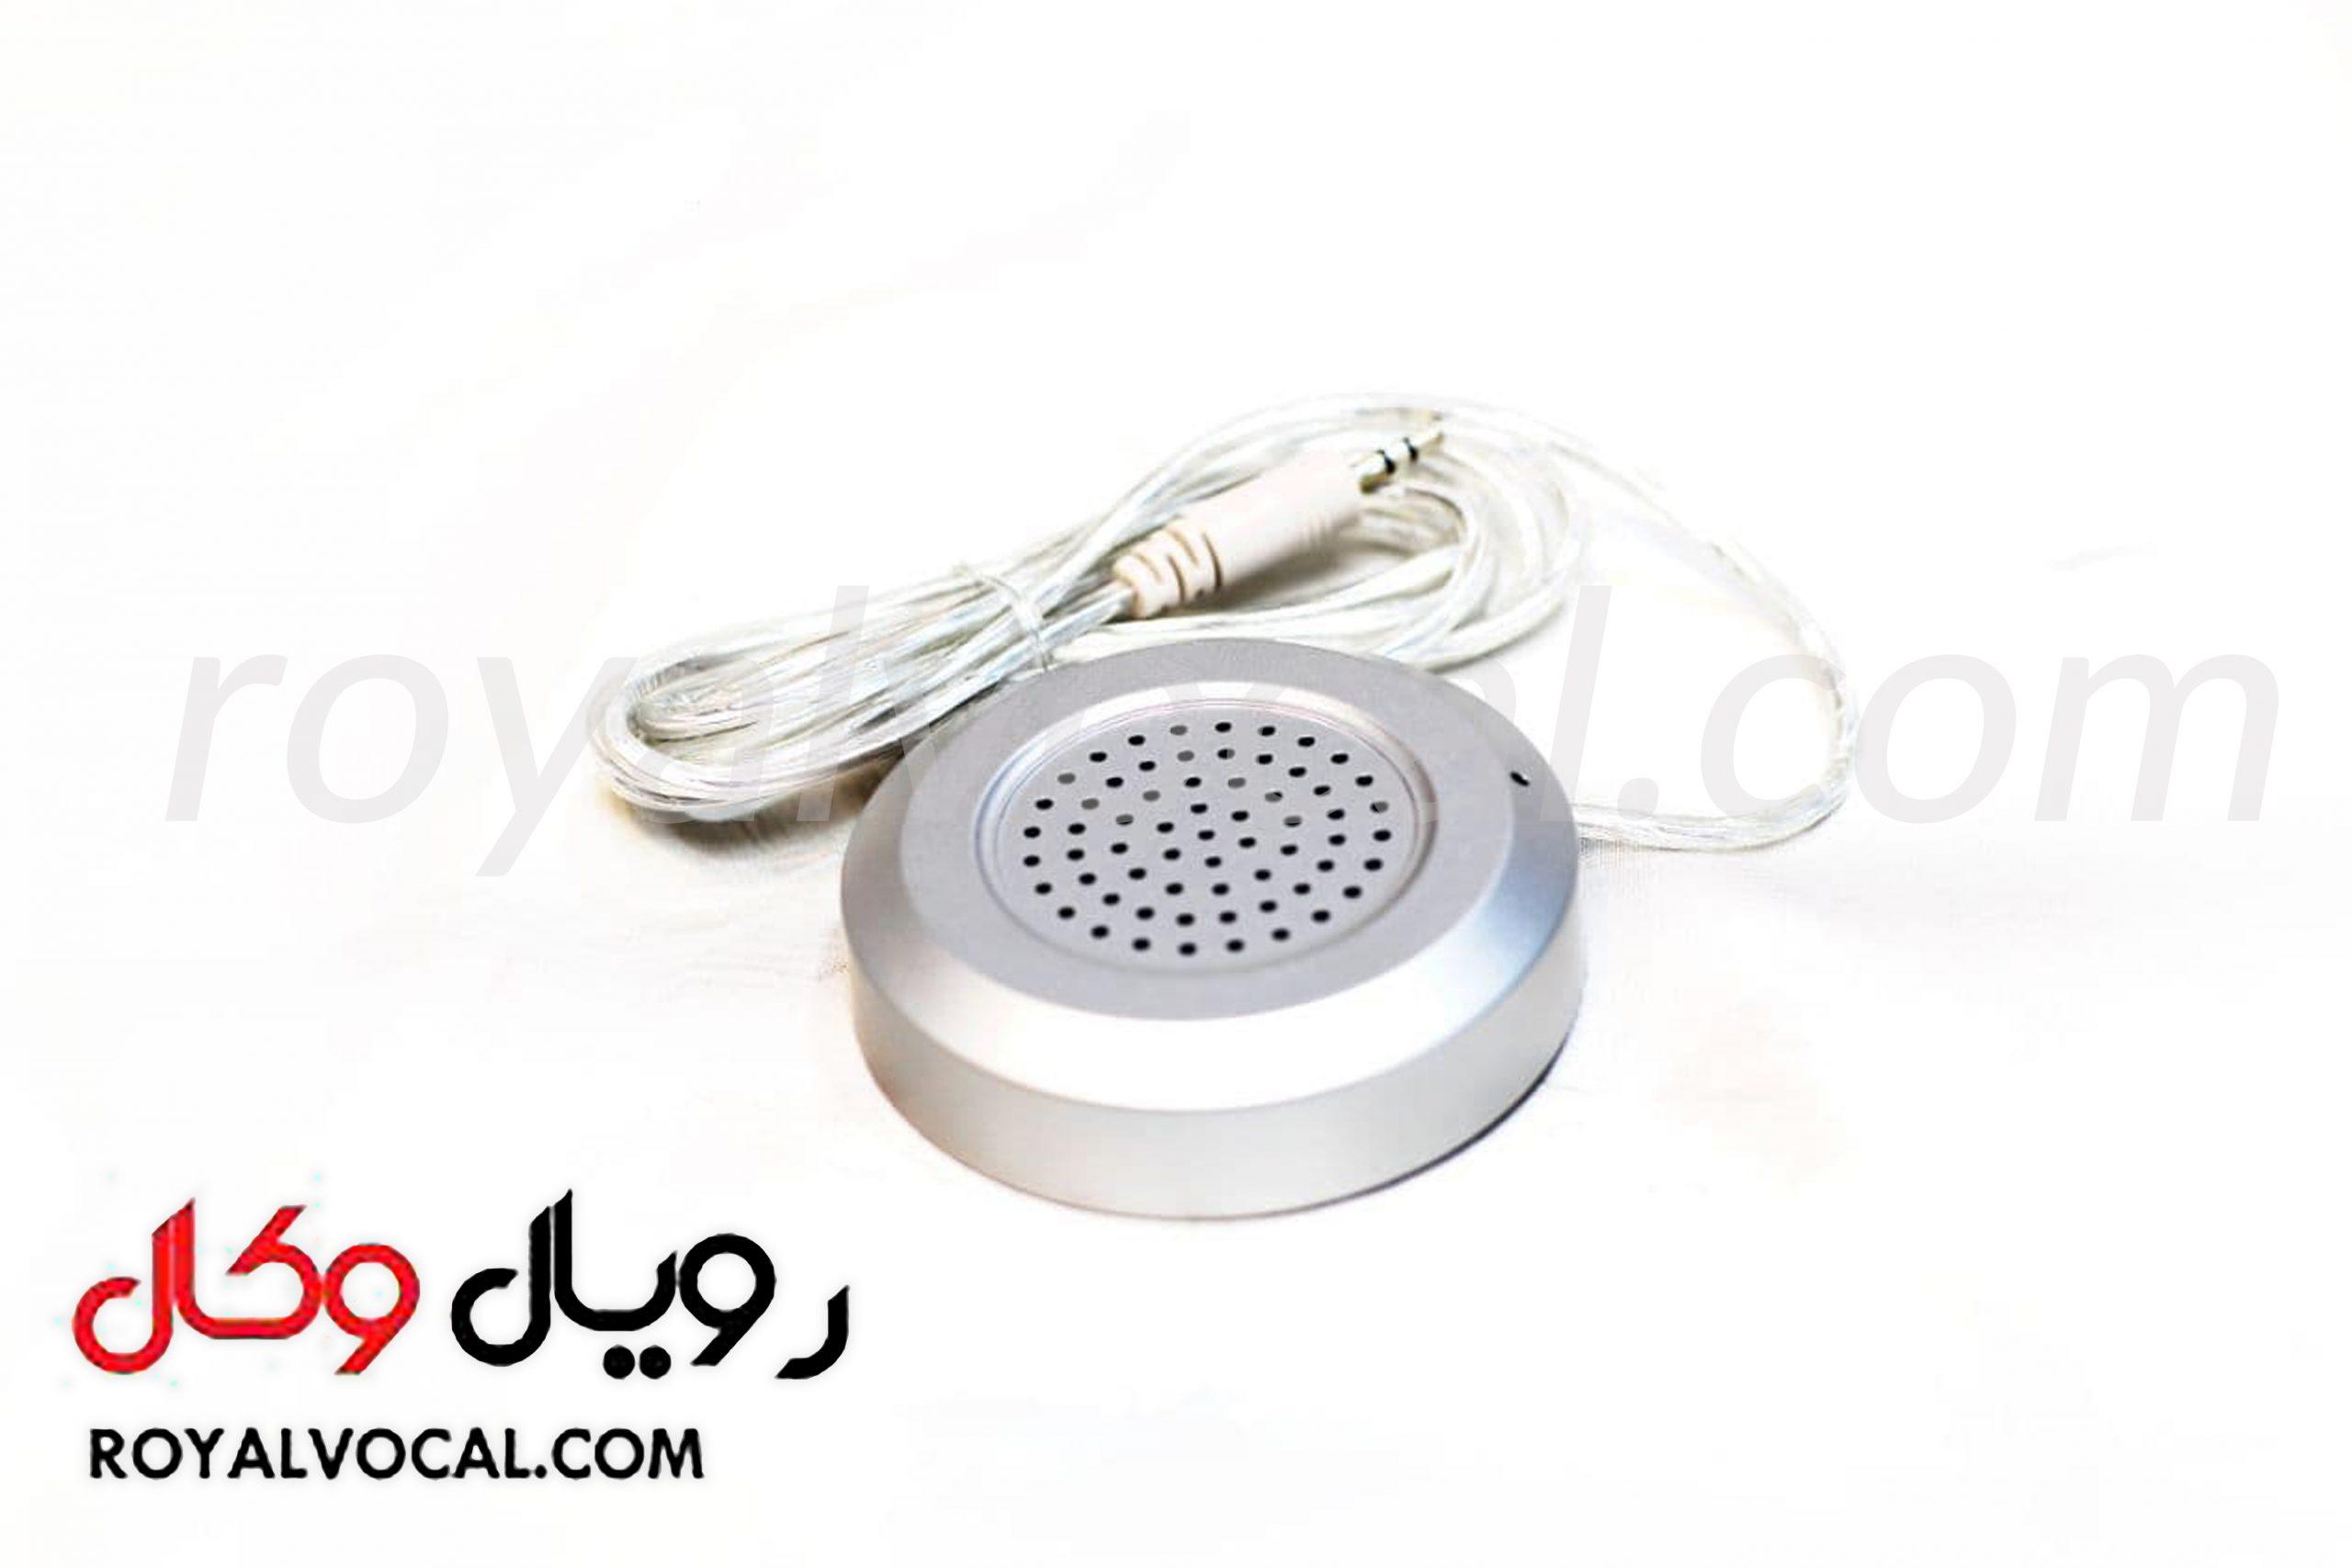 میکروفون گیشه ای Bayer مدل 501